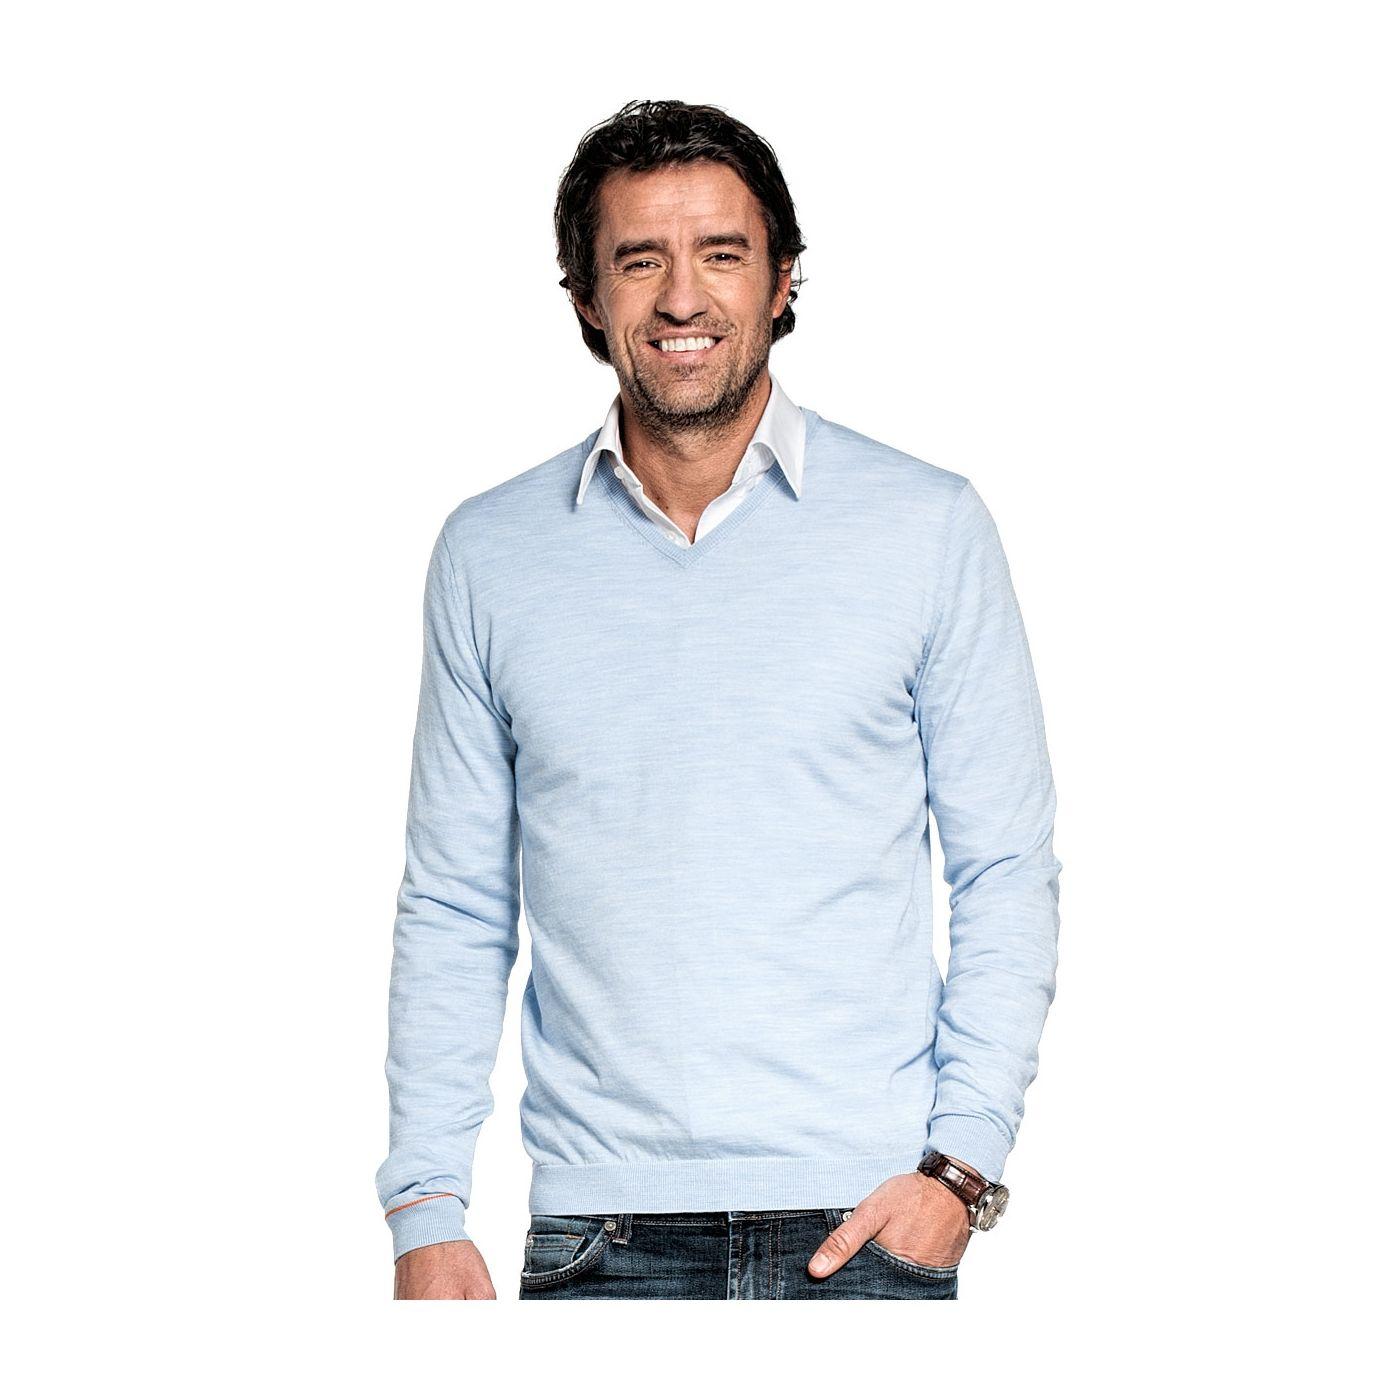 V hals trui voor mannen gemaakt van merinowol in het Lichtblauw